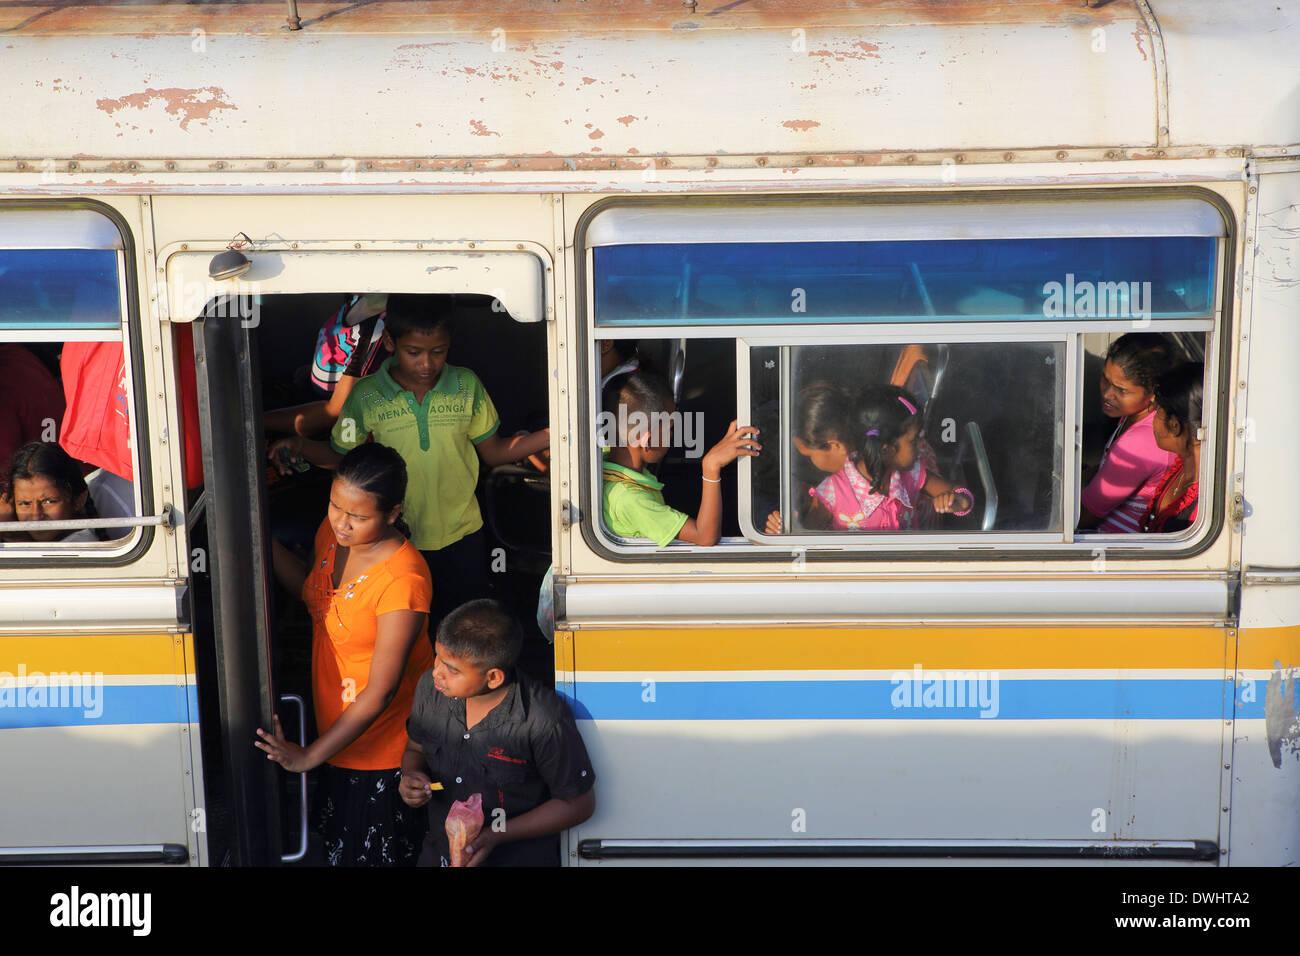 Schoolchildren on bus in Galle Fort, Sri Lanka - Stock Image